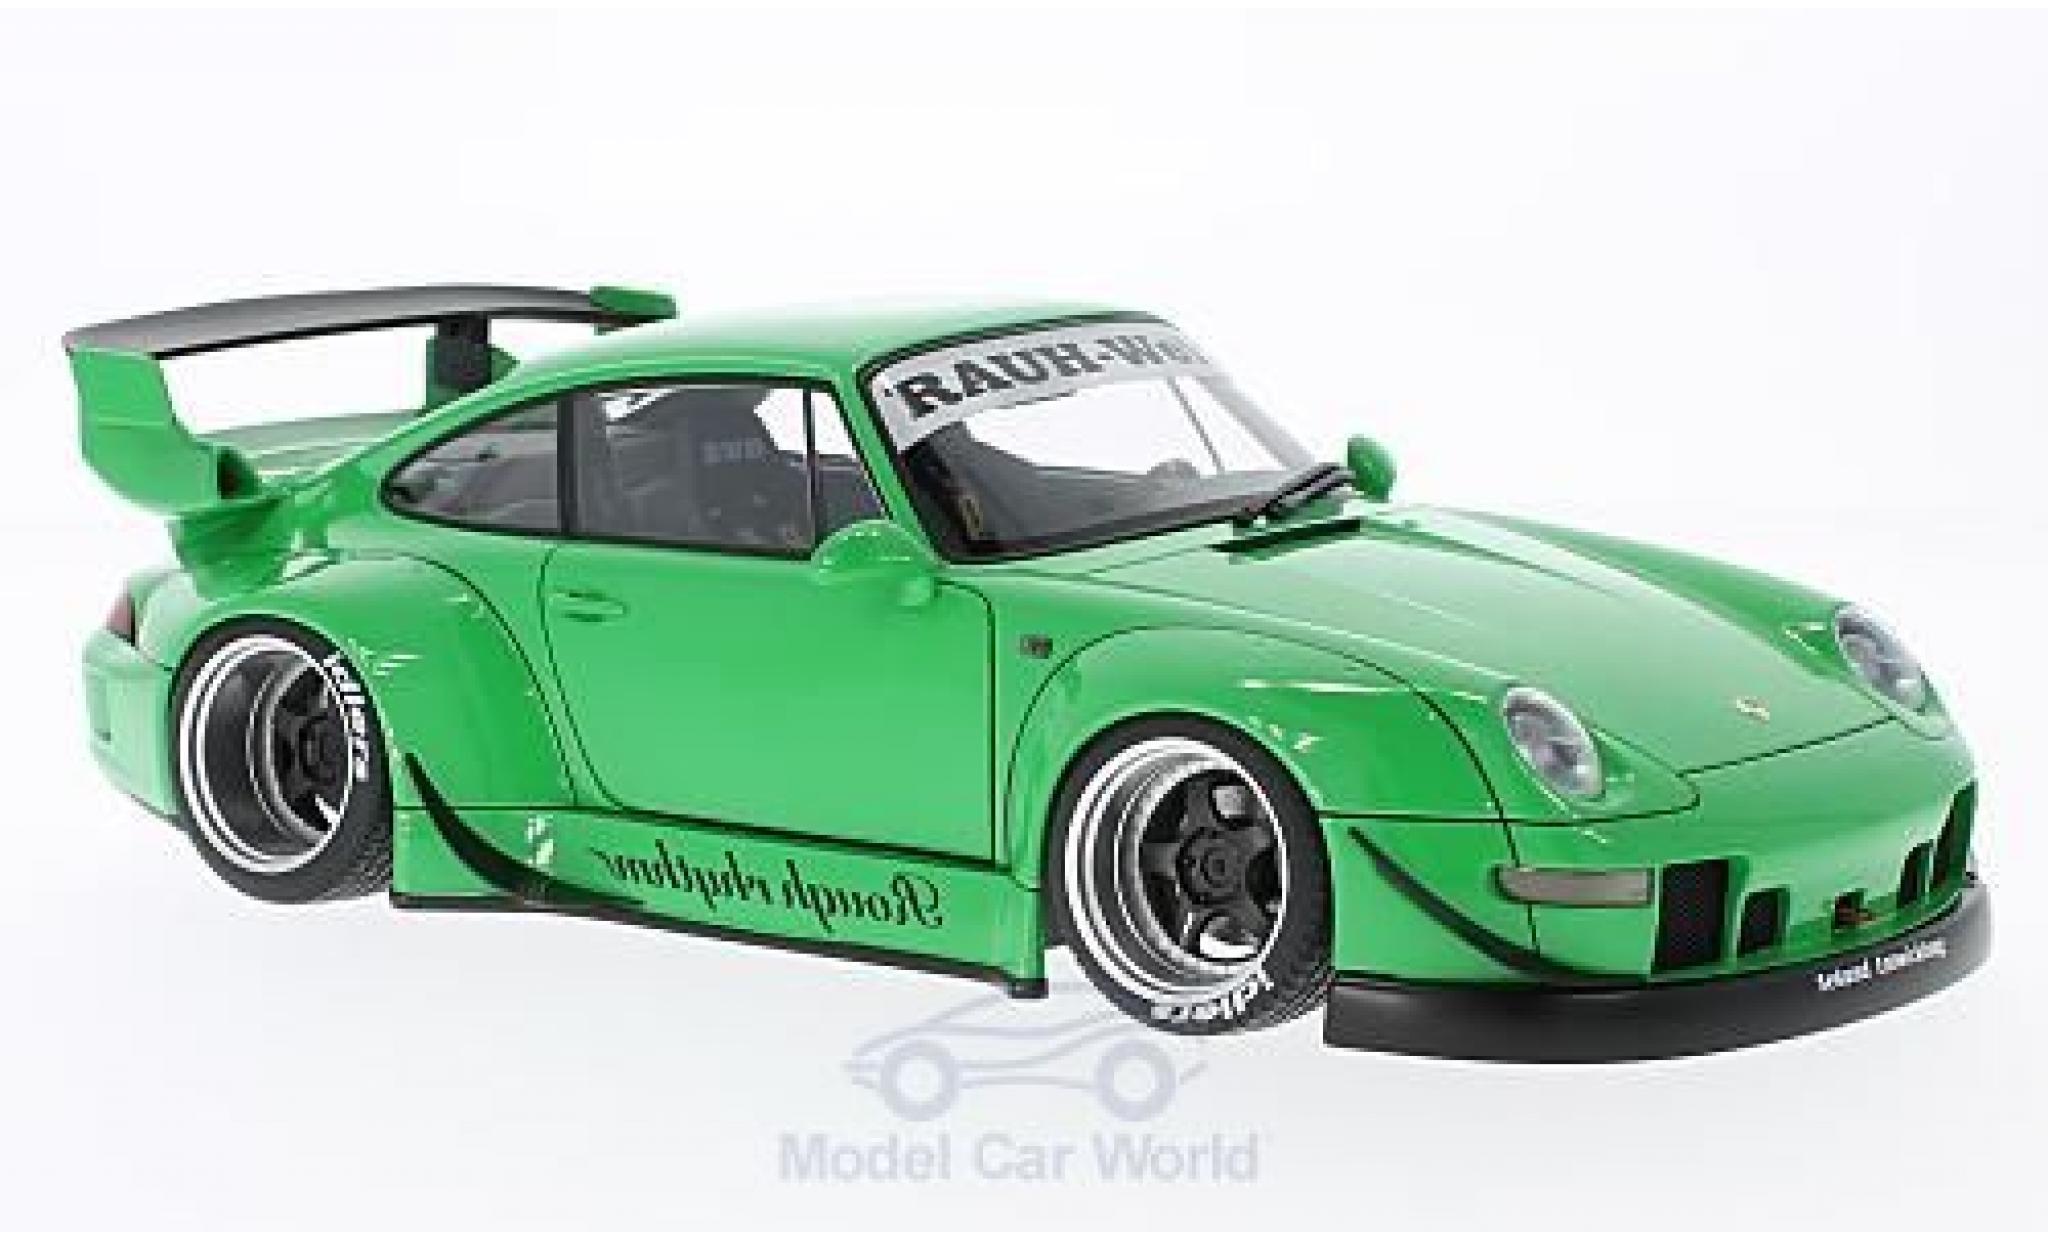 Porsche 911 1/18 AUTOart (993) RWB verte Rauh Welt grisee Felgen ohne Vitrine